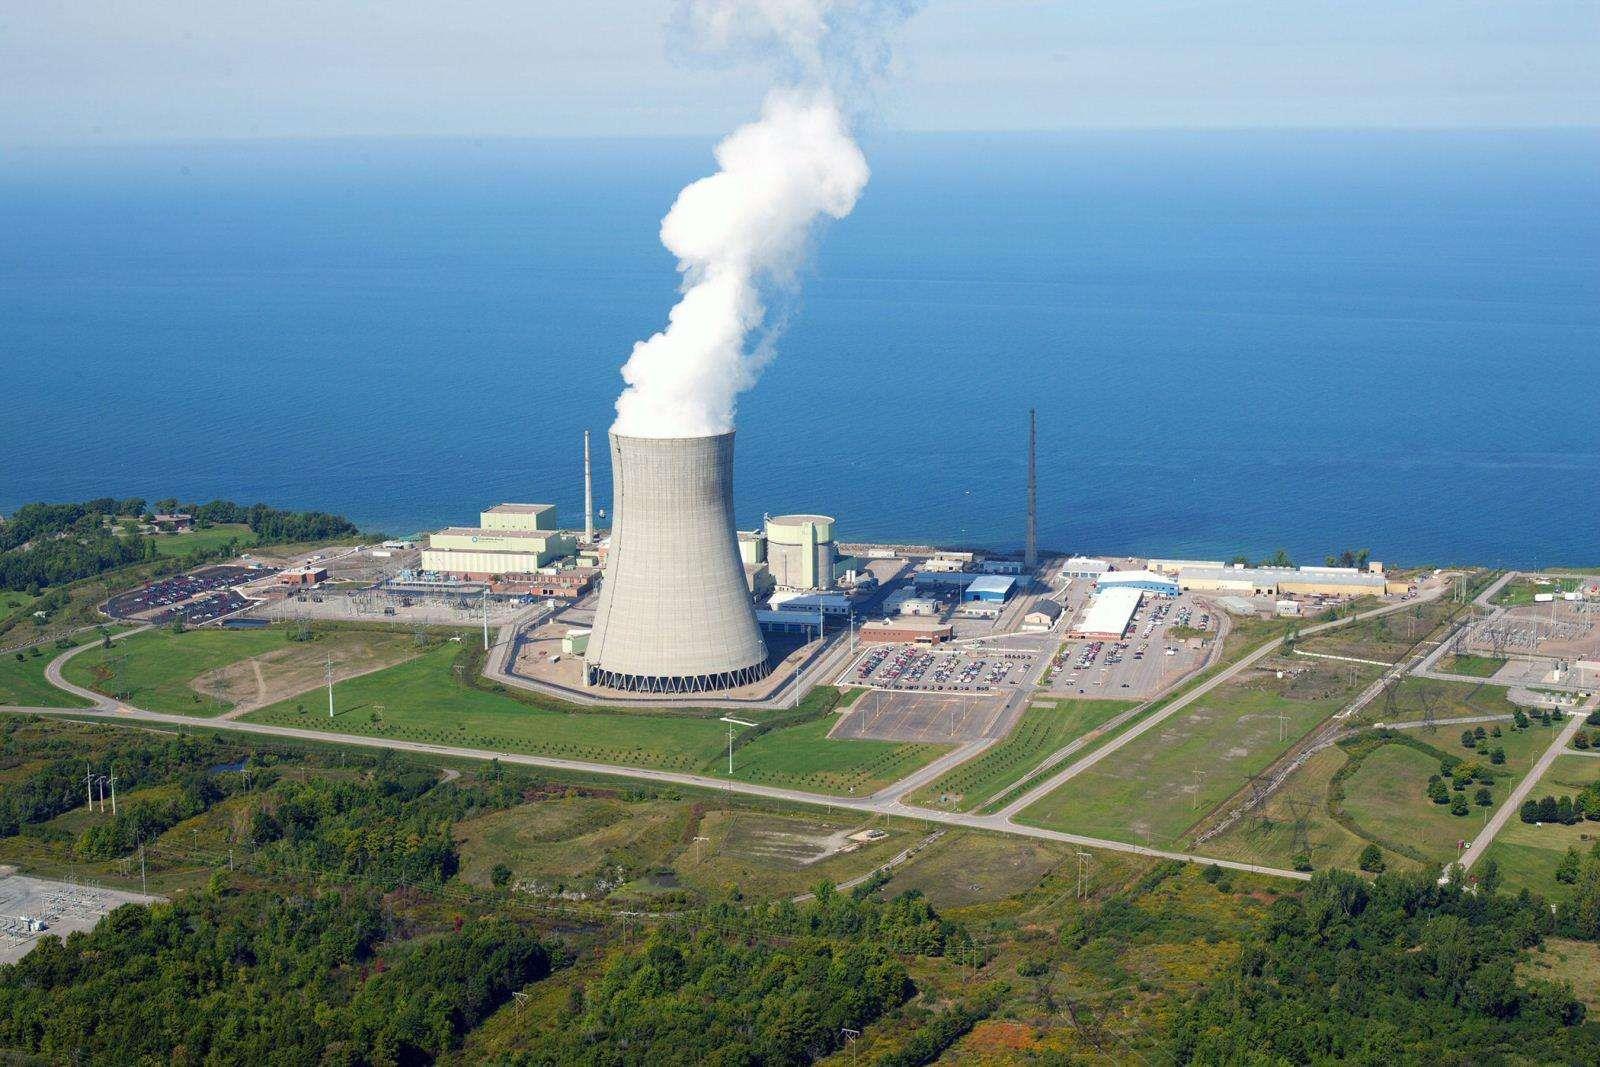 英国塞兹维尔C核电站两台机组正式提交厂址许可证申请